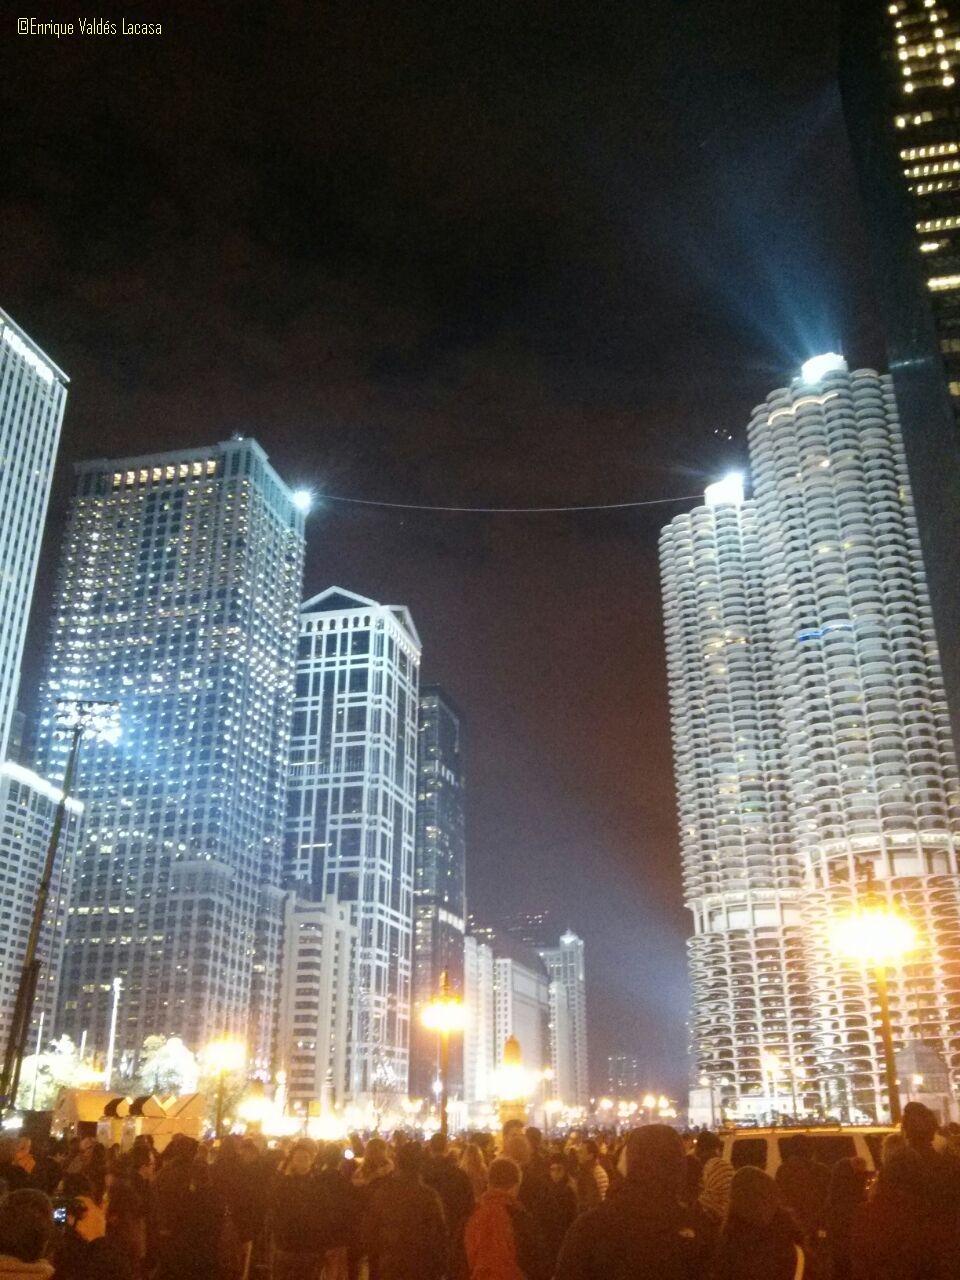 Chicago noche, 2 de noviembre de 2014. Funambulista Nik Wallenda